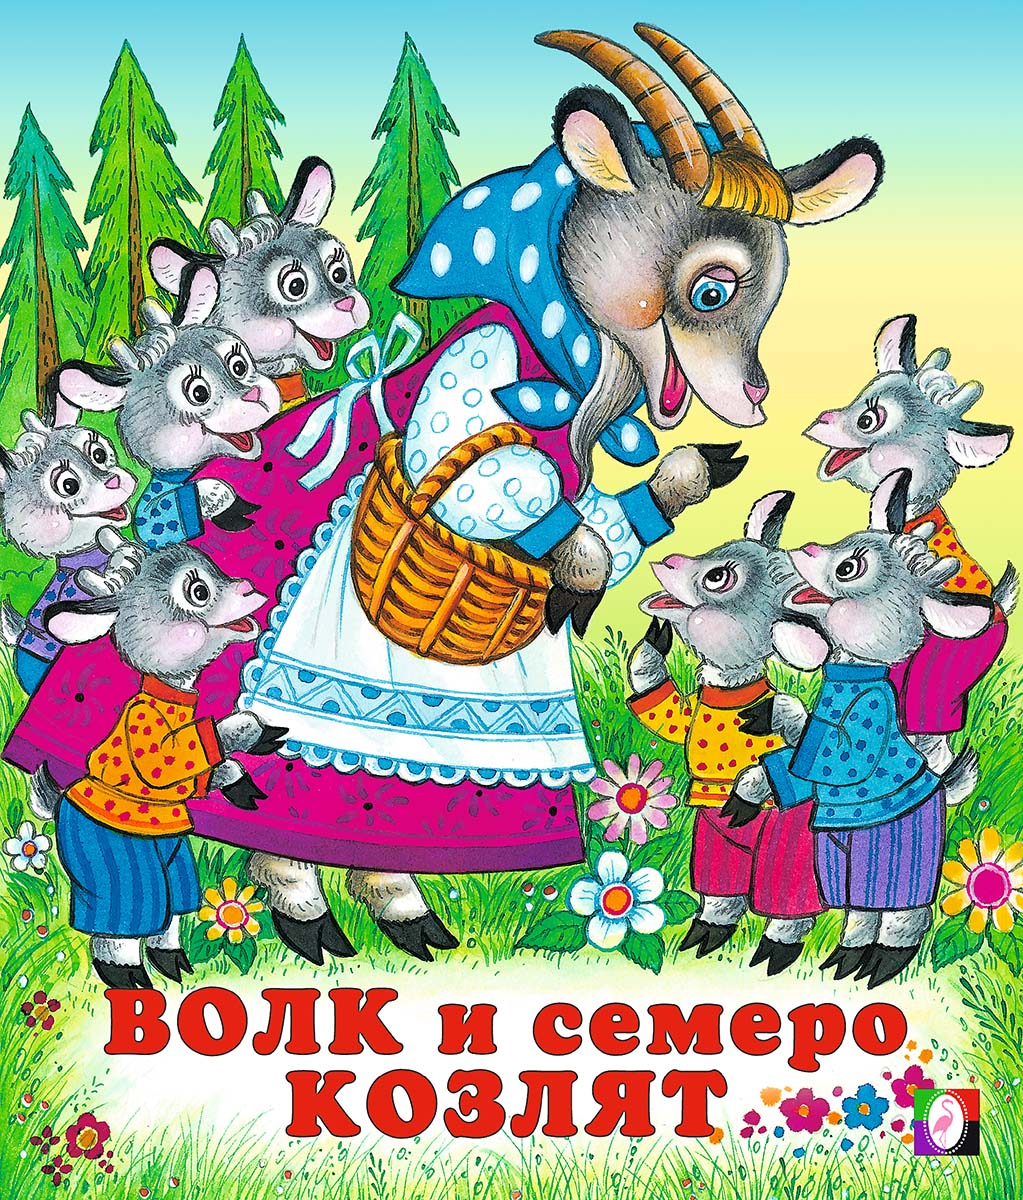 Смешные картинки про козу и семеро козлят, своими руками